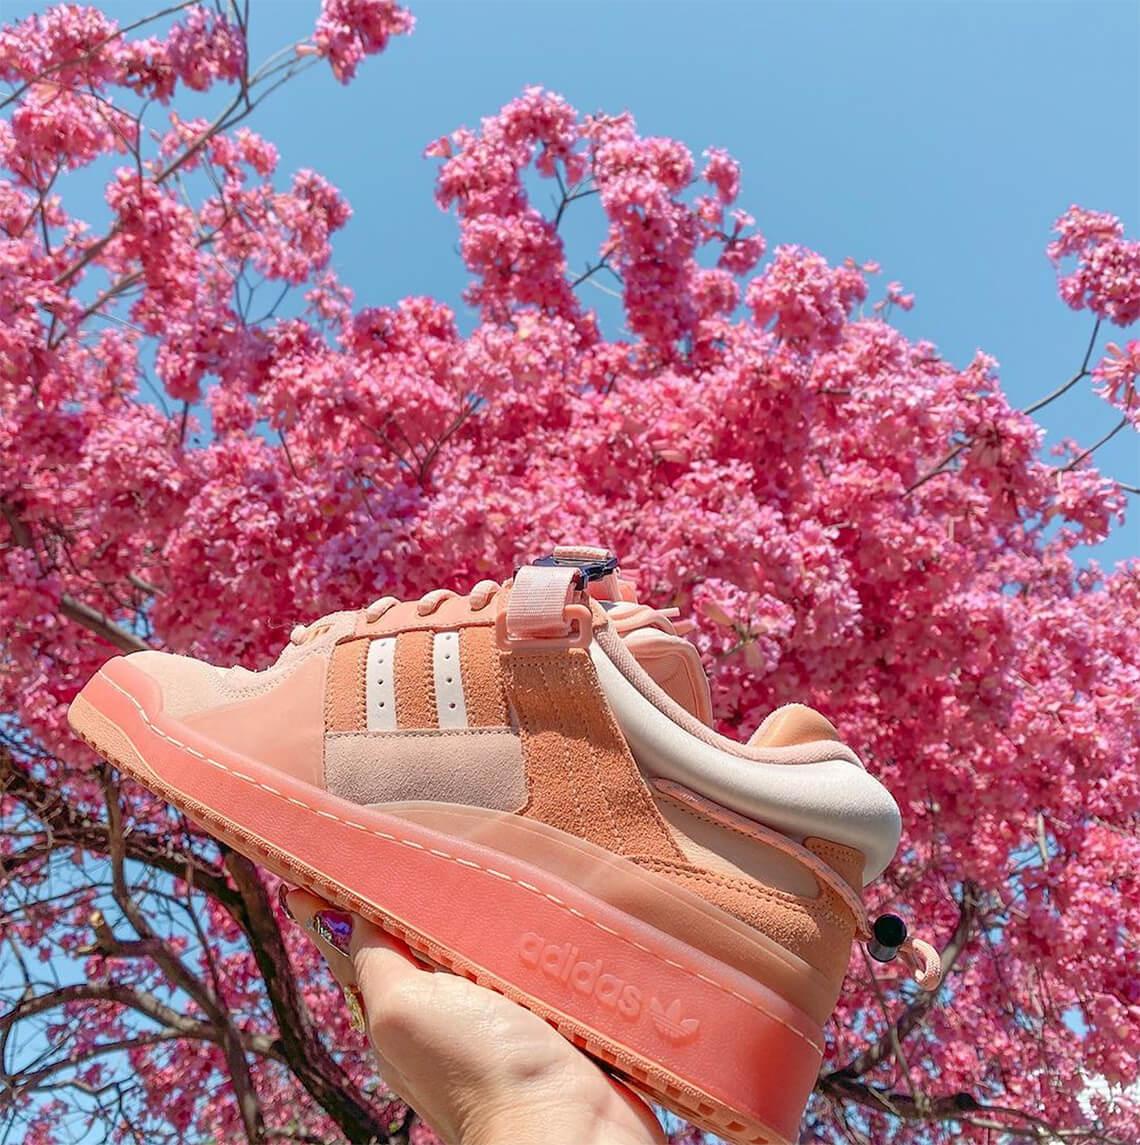 zapatillas Bad Bunny x Adidas Forum Buckle low pink 2021